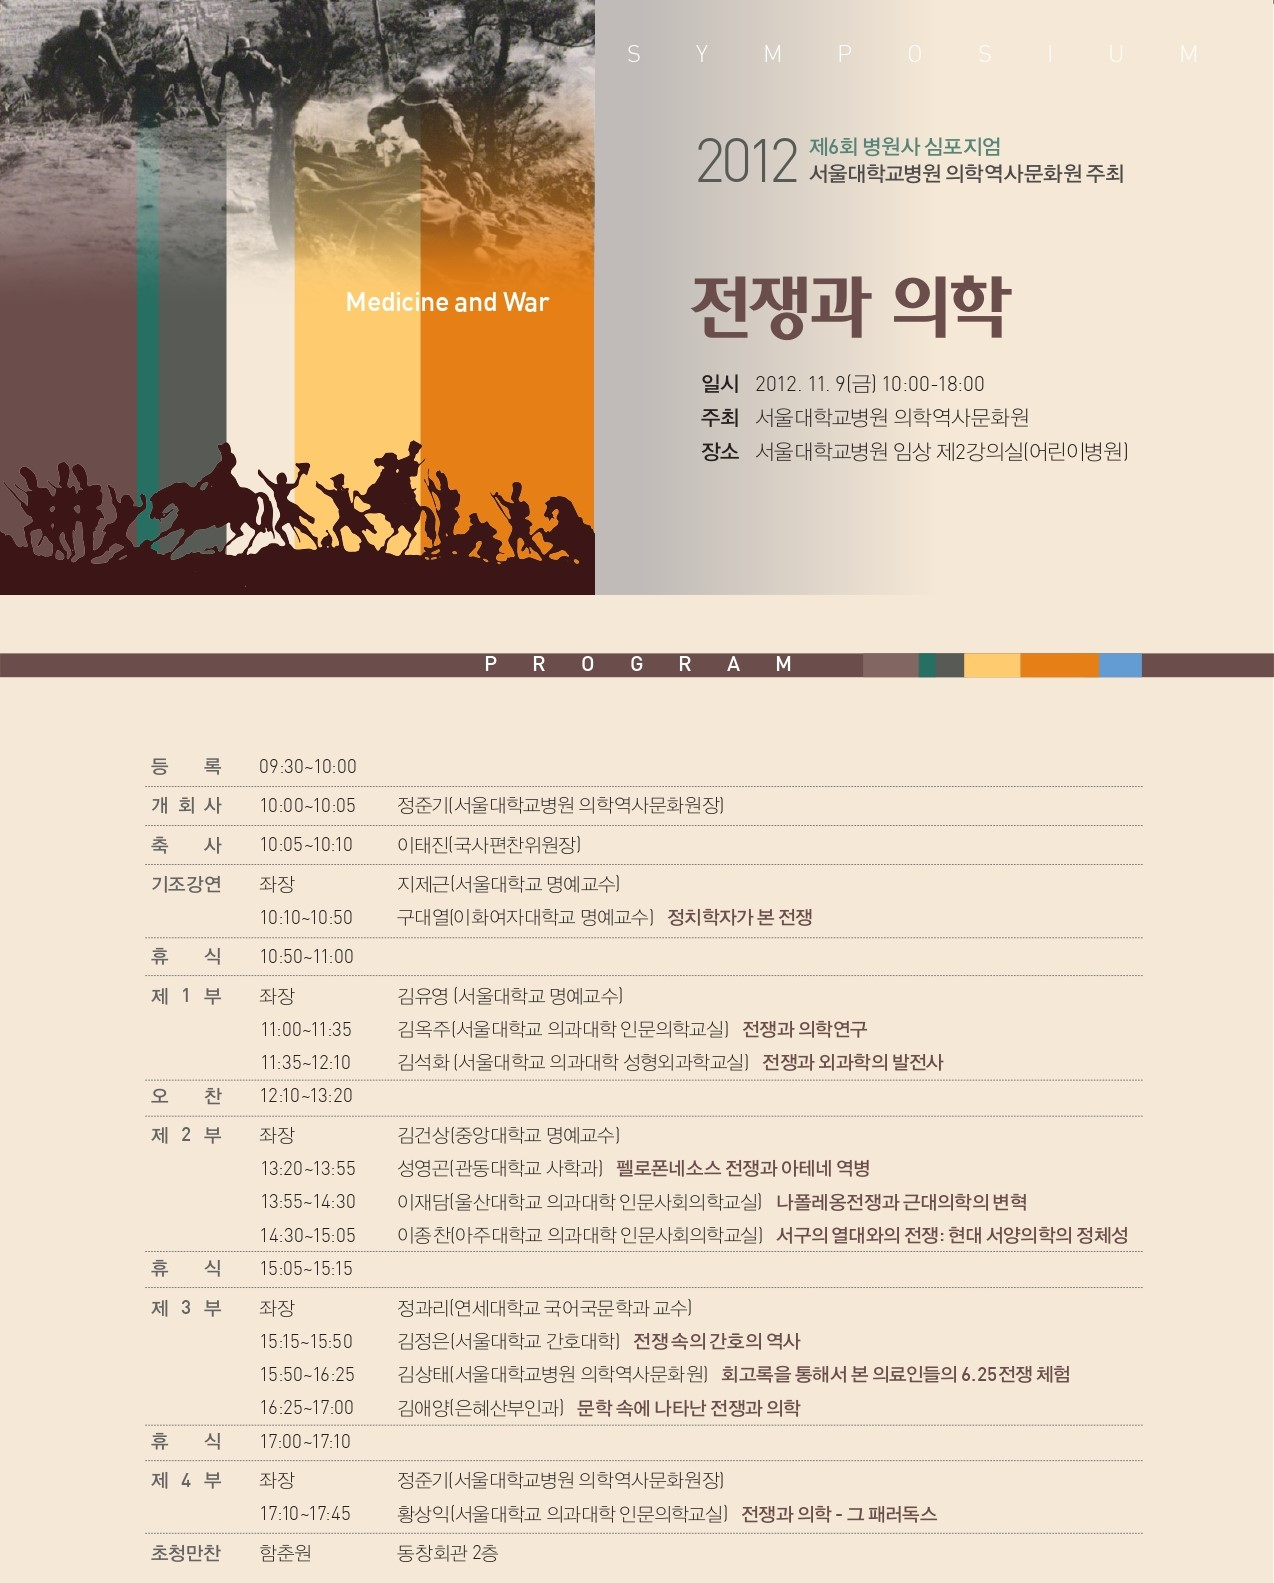 제6회 병원사 심포지엄(2012)